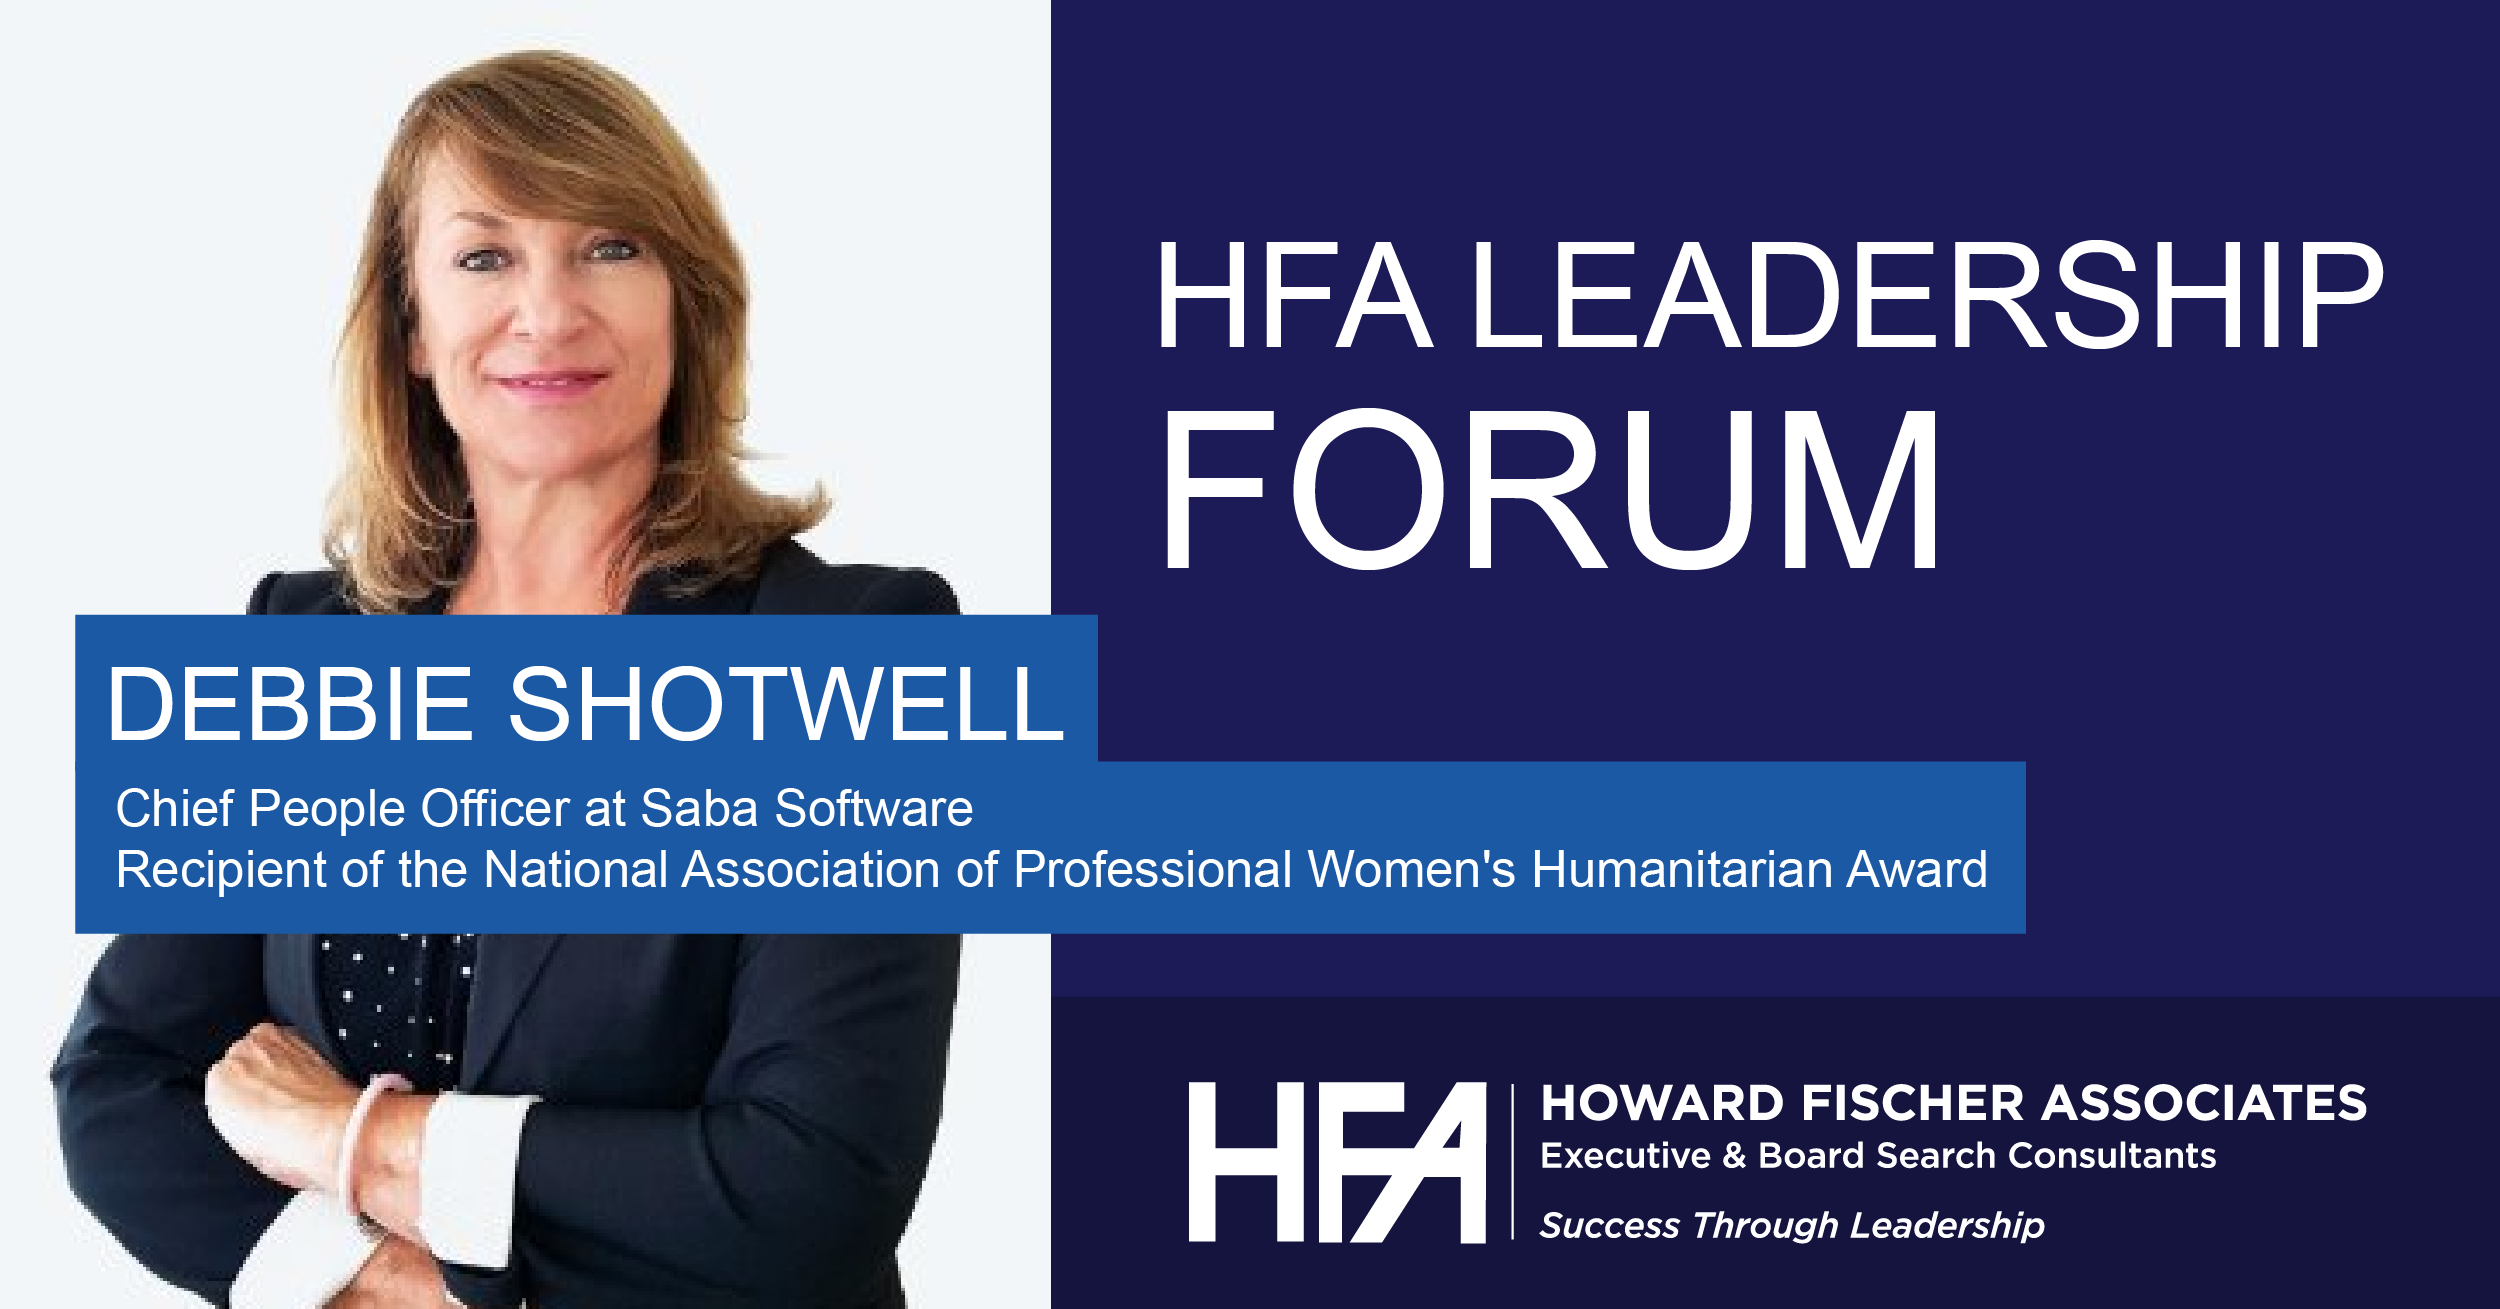 Debbie Shotwell HFA Leadership Forum